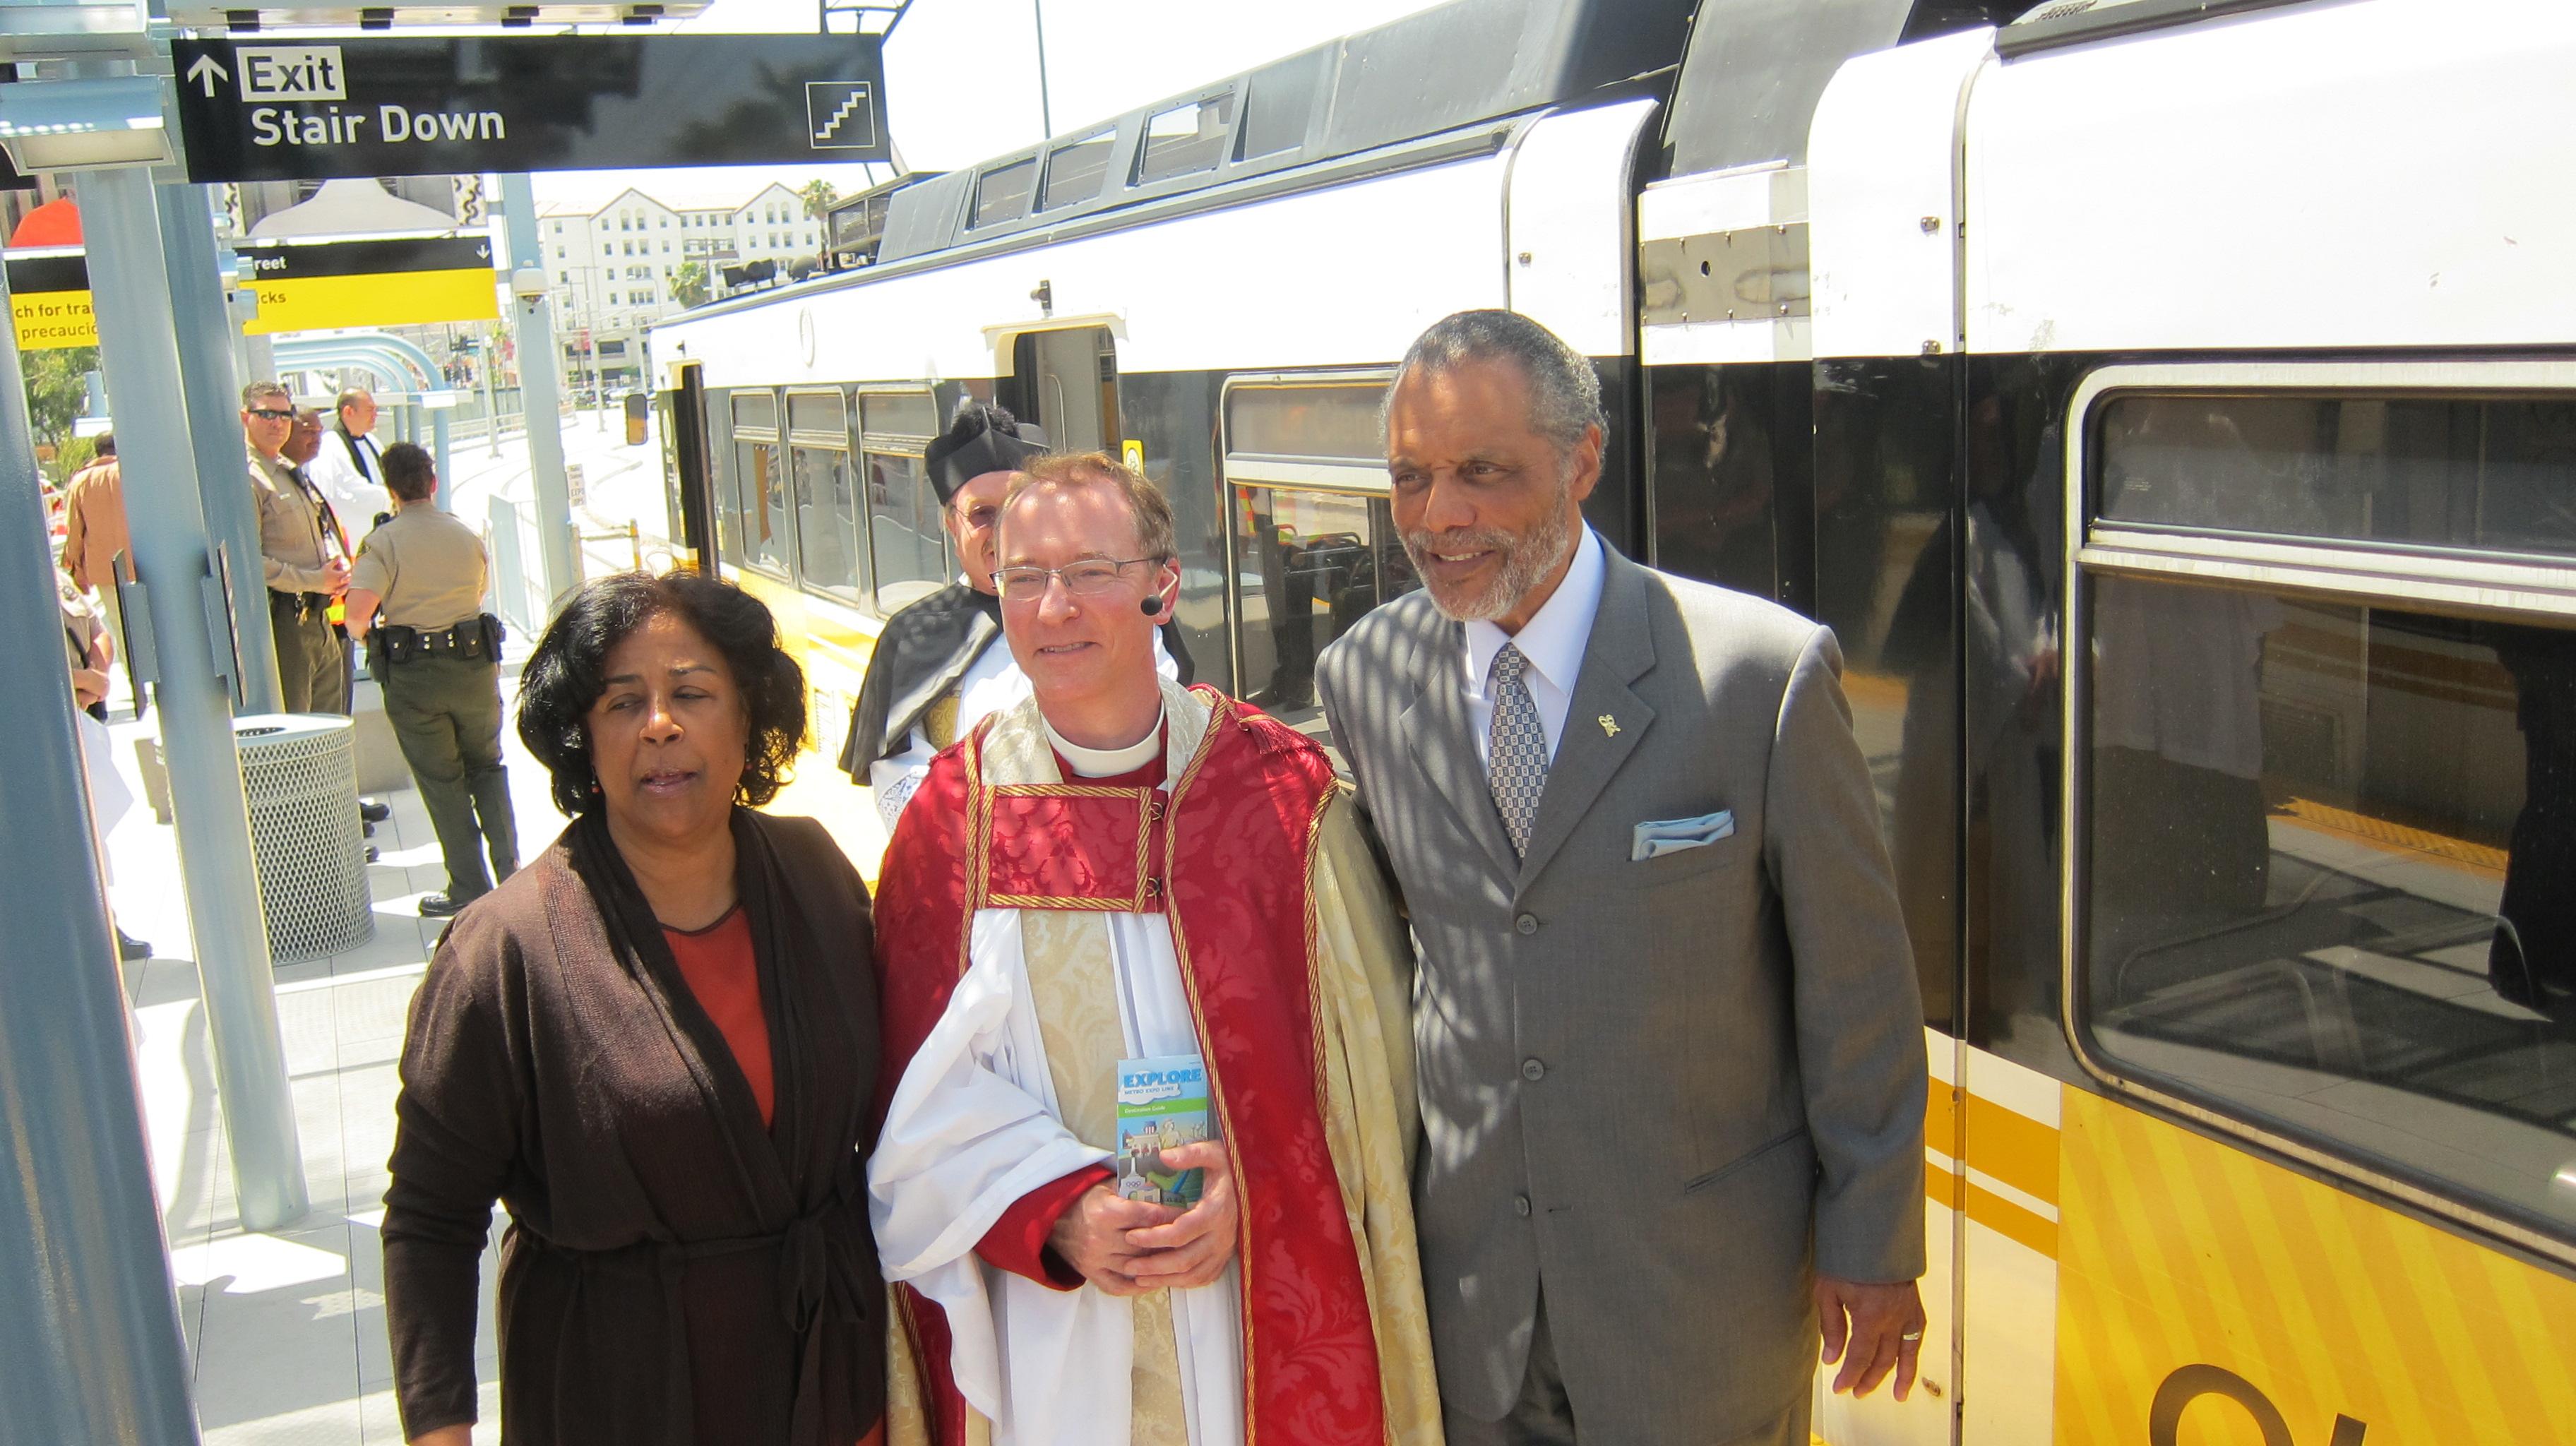 Los concejales de Los Angeles Jan Perry Bernard Parks acompañaron al reverendo Kowalewski. (Foto Luis Inzunza/El Pasajero).